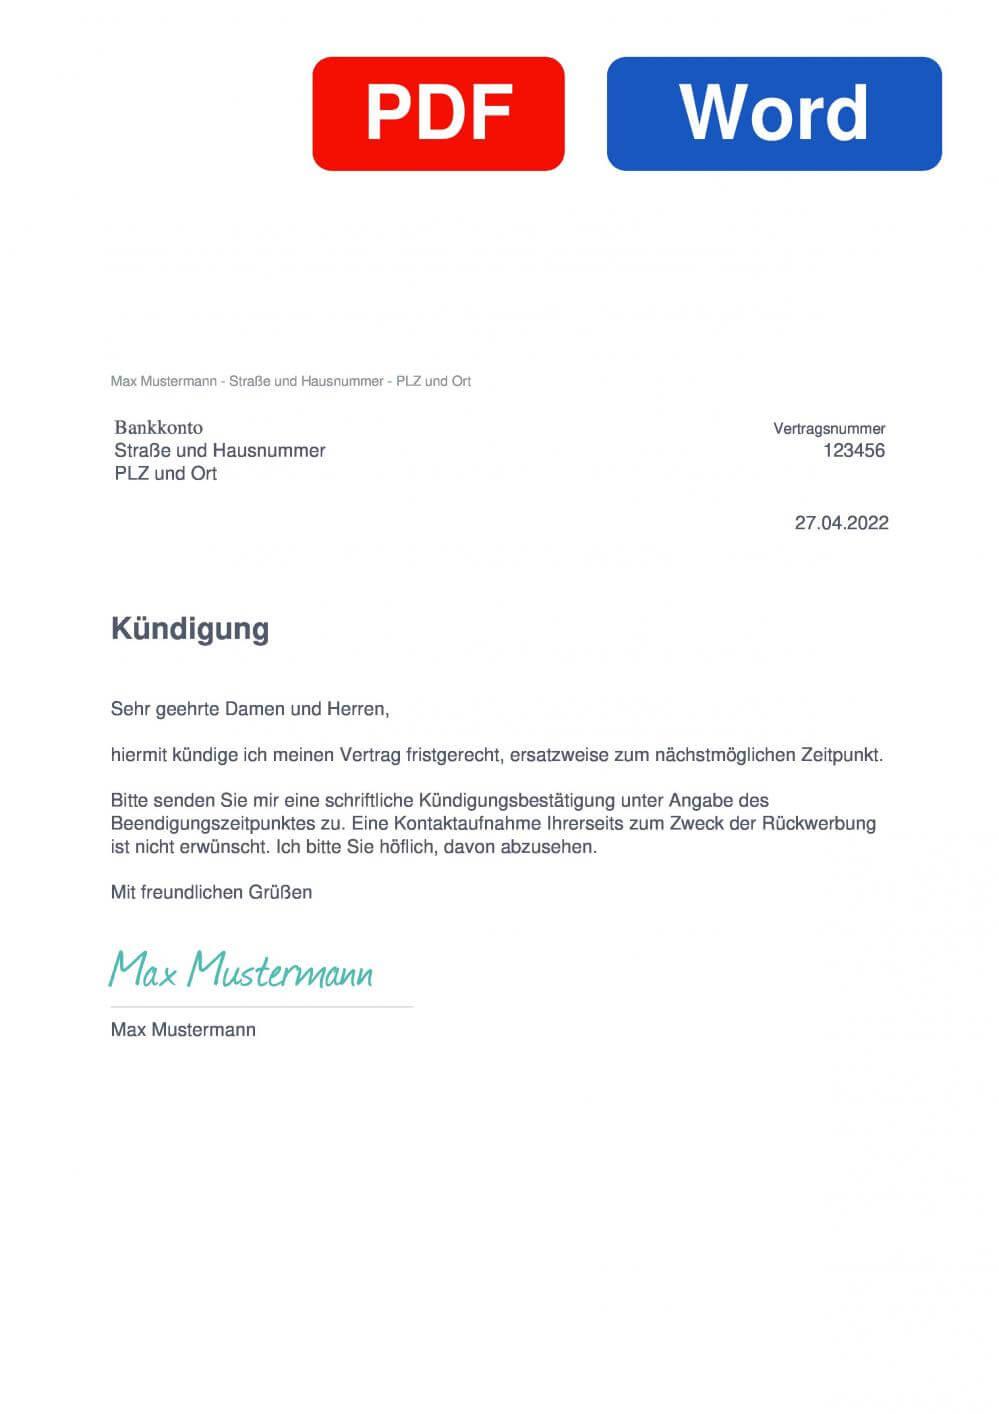 Bankkonto Muster Vorlage für Kündigungsschreiben